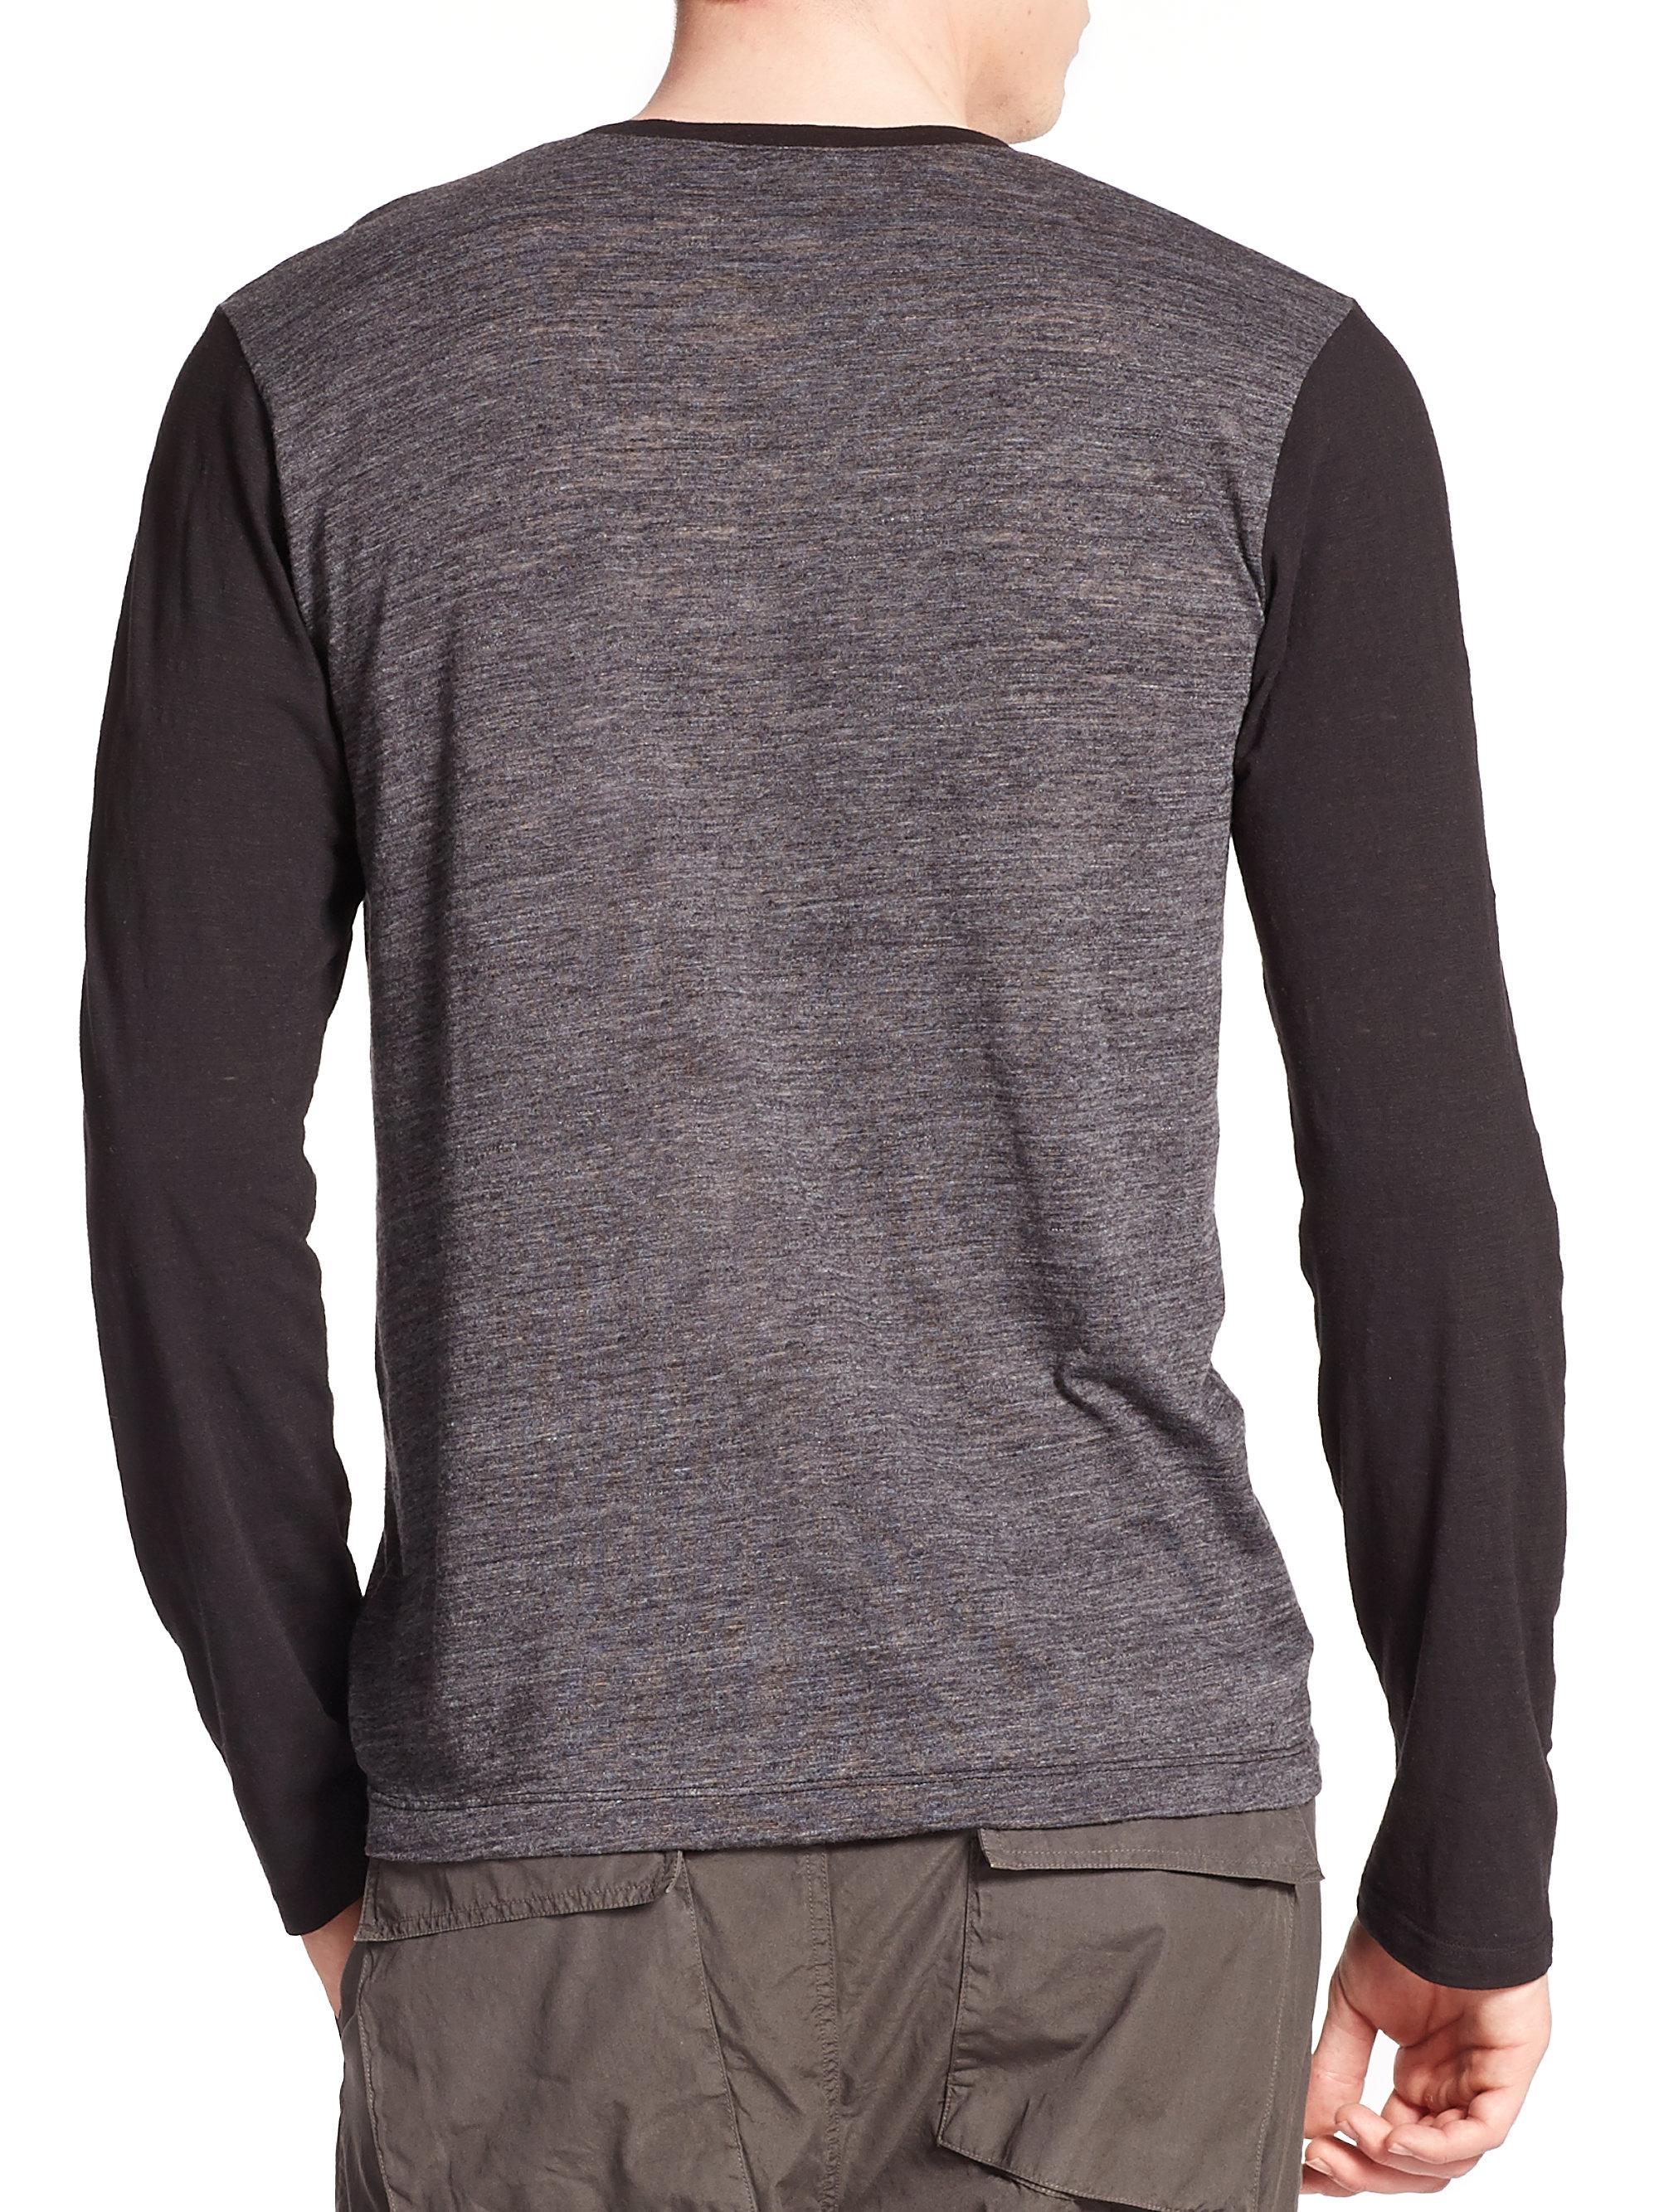 Splendid mills vintage henley long sleeve tee in black for for Black long sleeve henley shirt